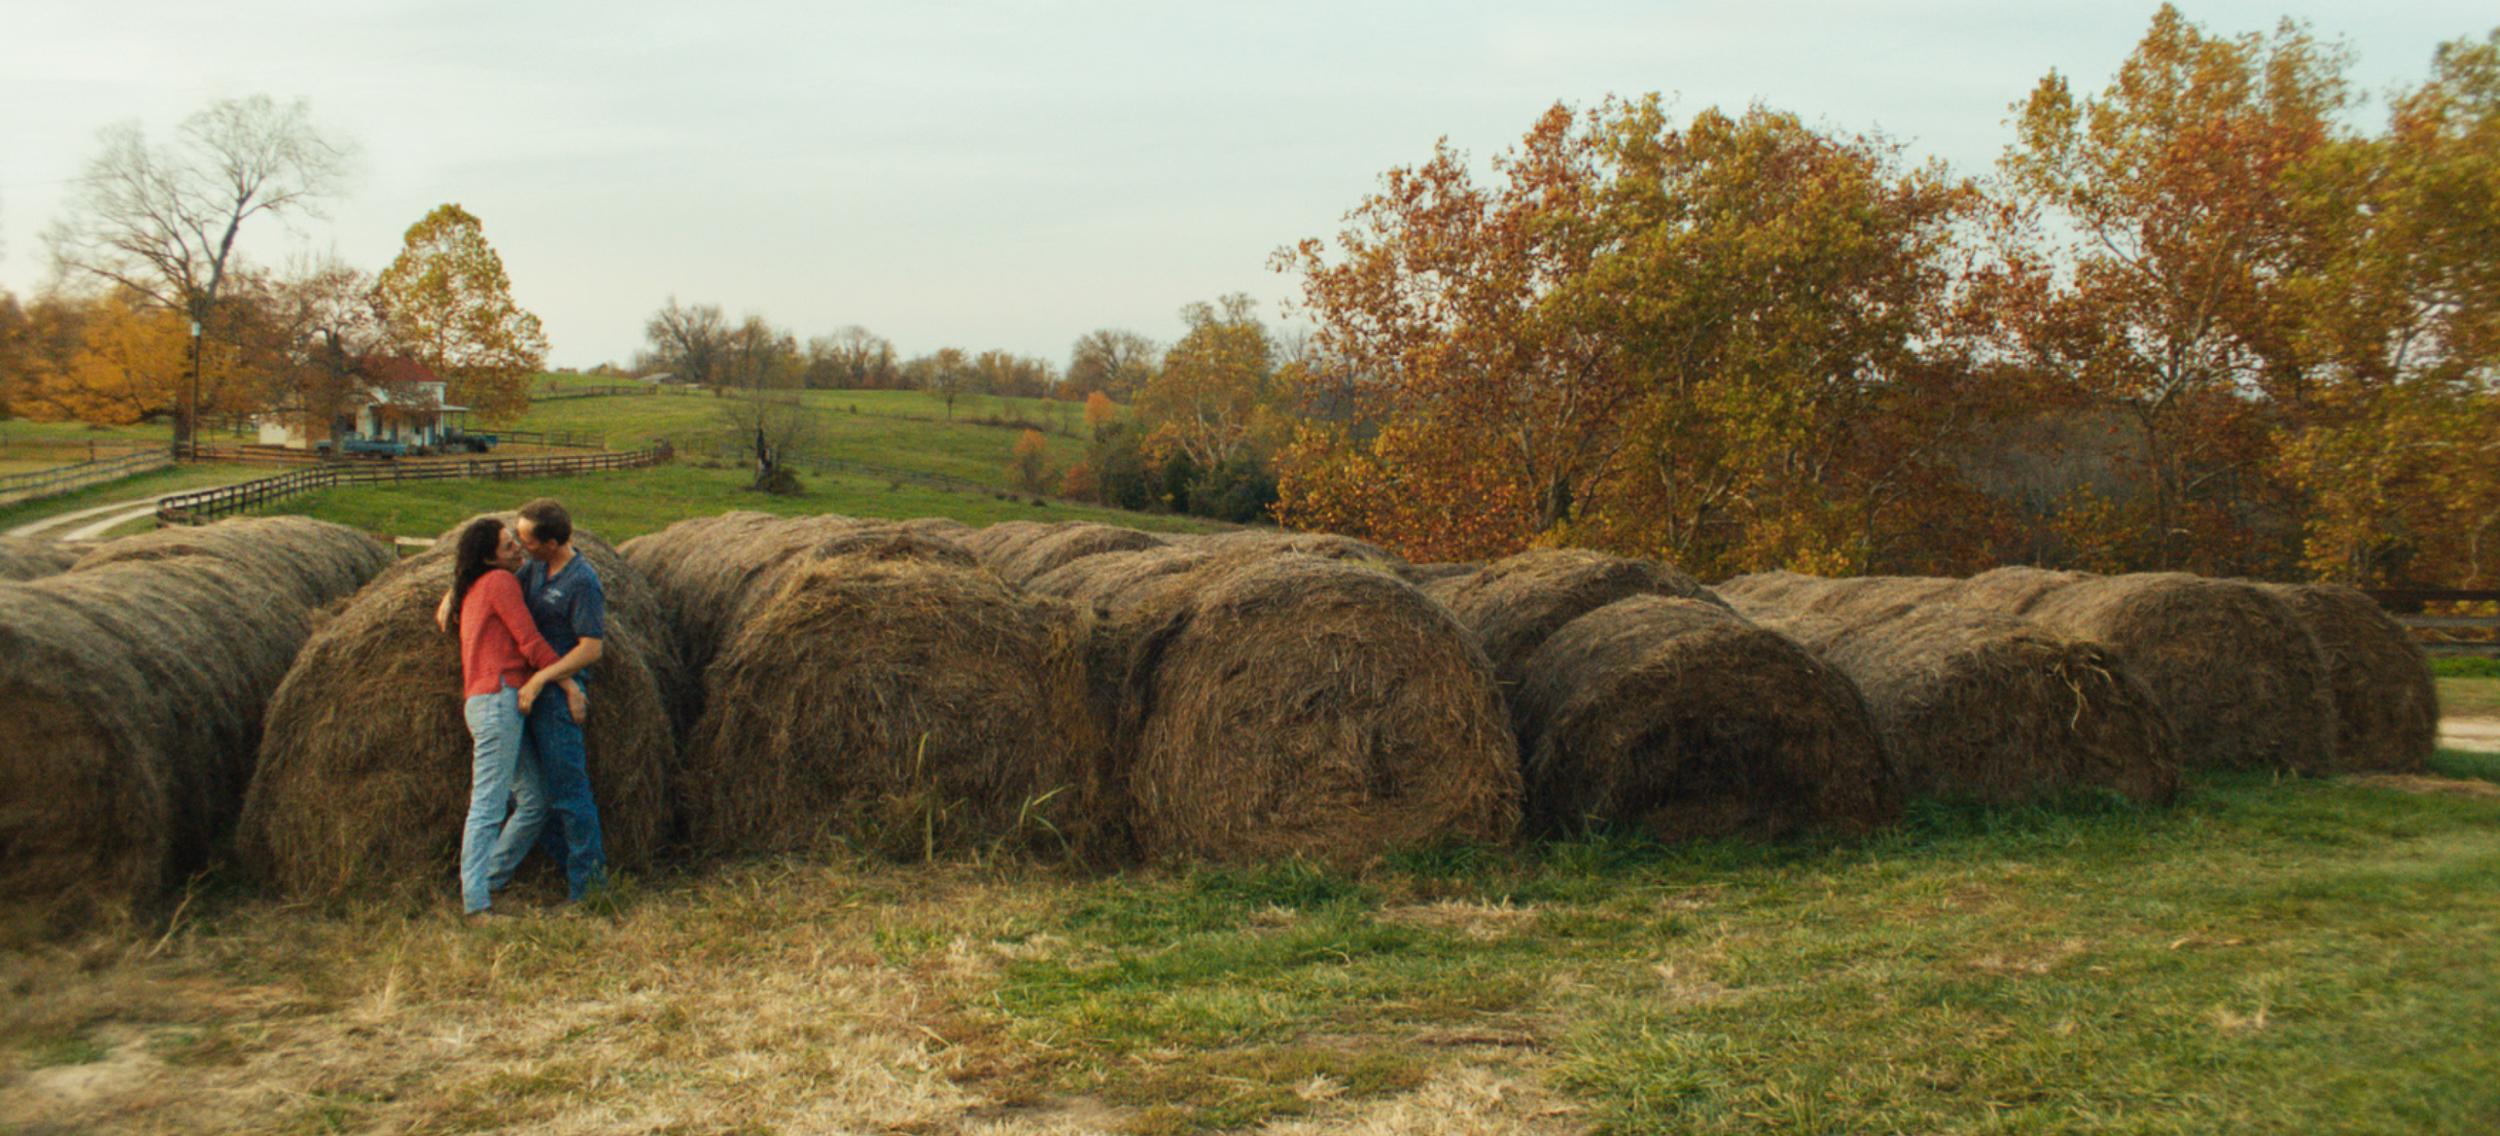 hay bales wide.jpg